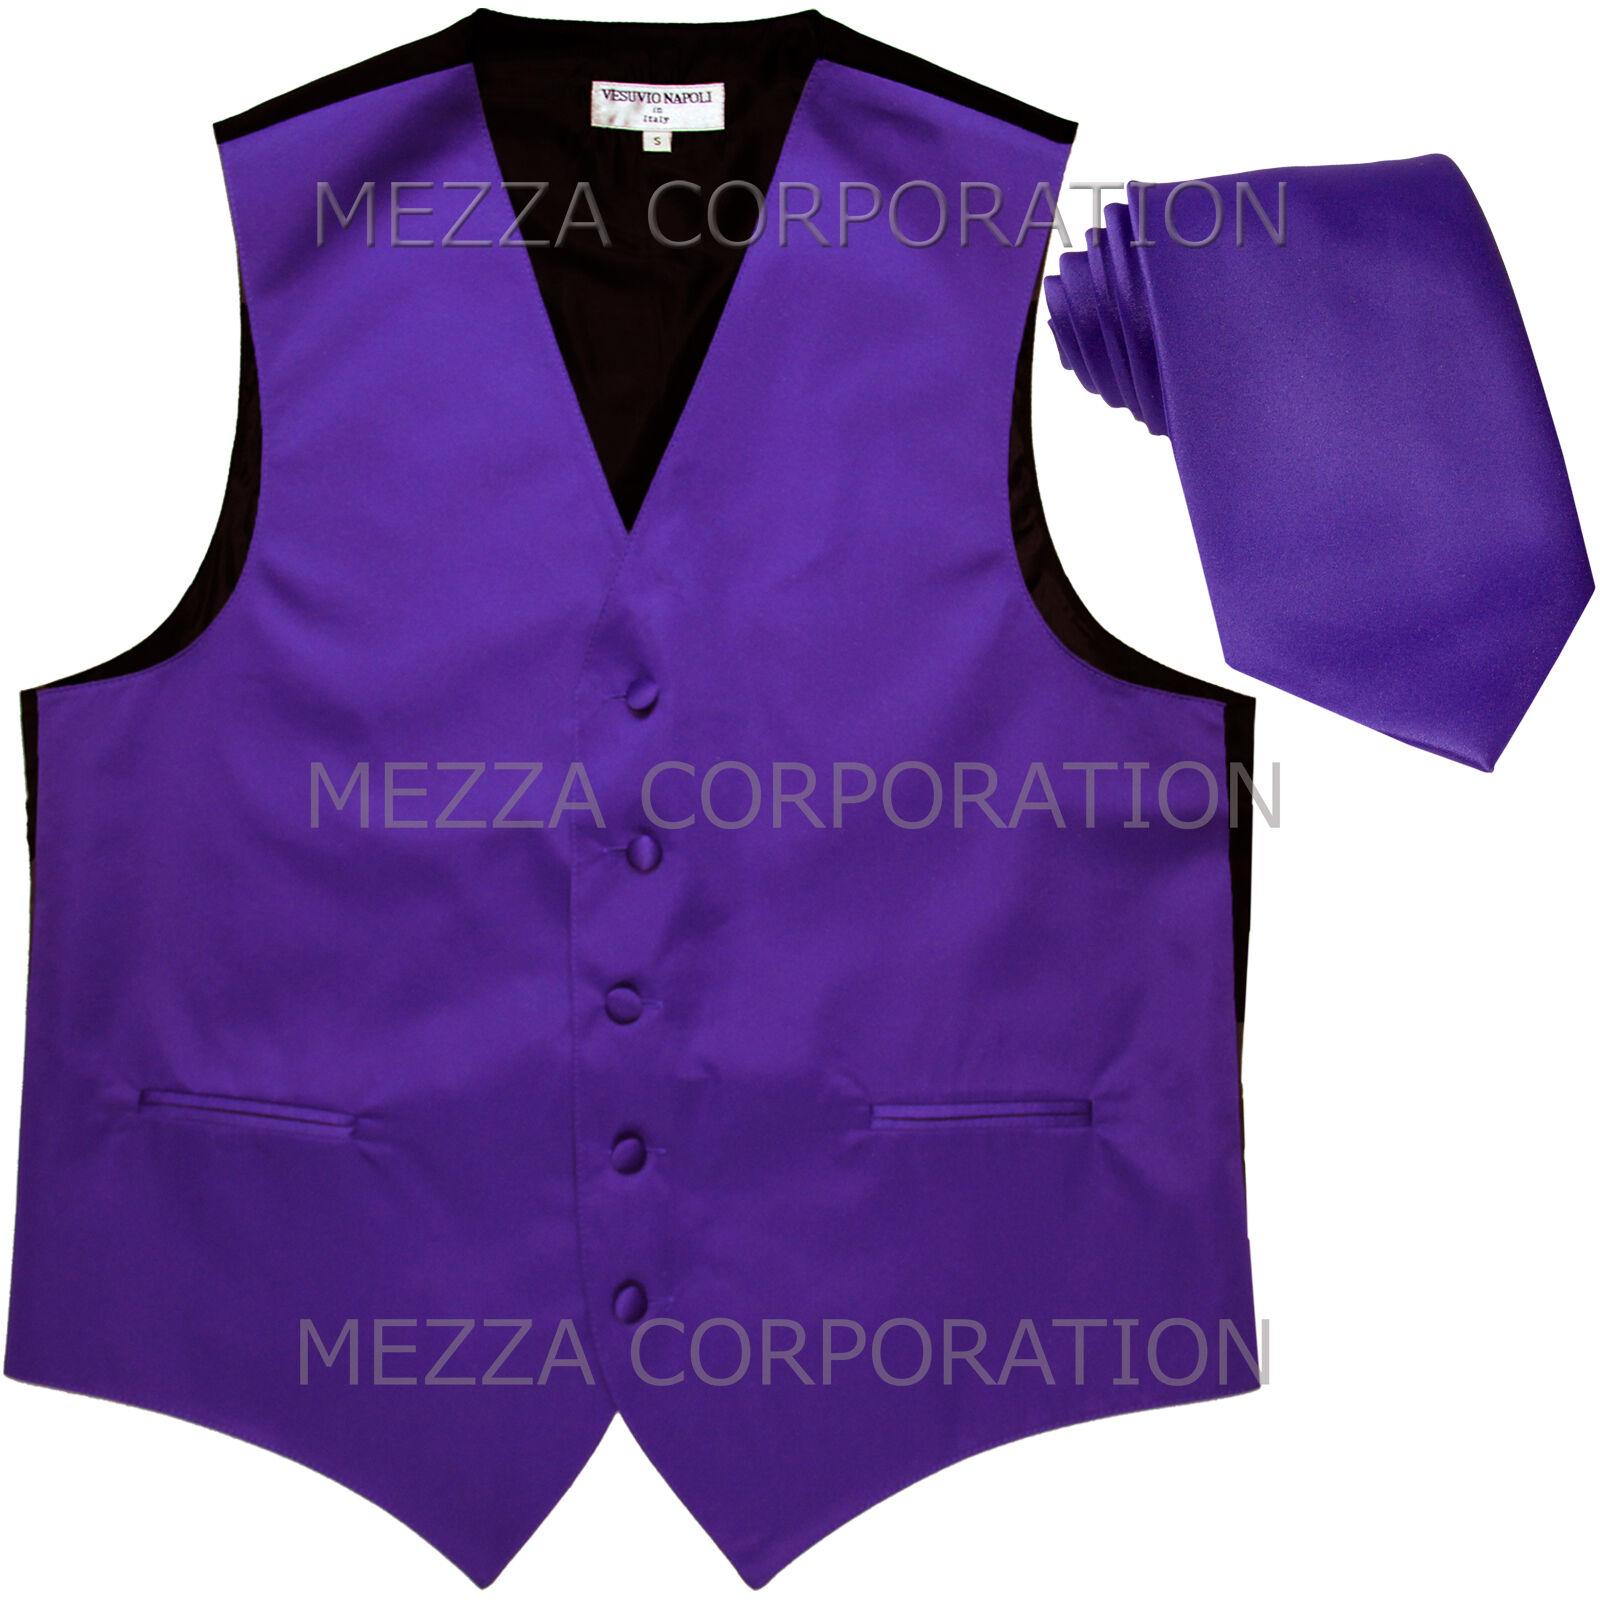 New Men's Vesuvio Napoli Tuxedo Vest Waistcoat Necktie prom wedding party Purple